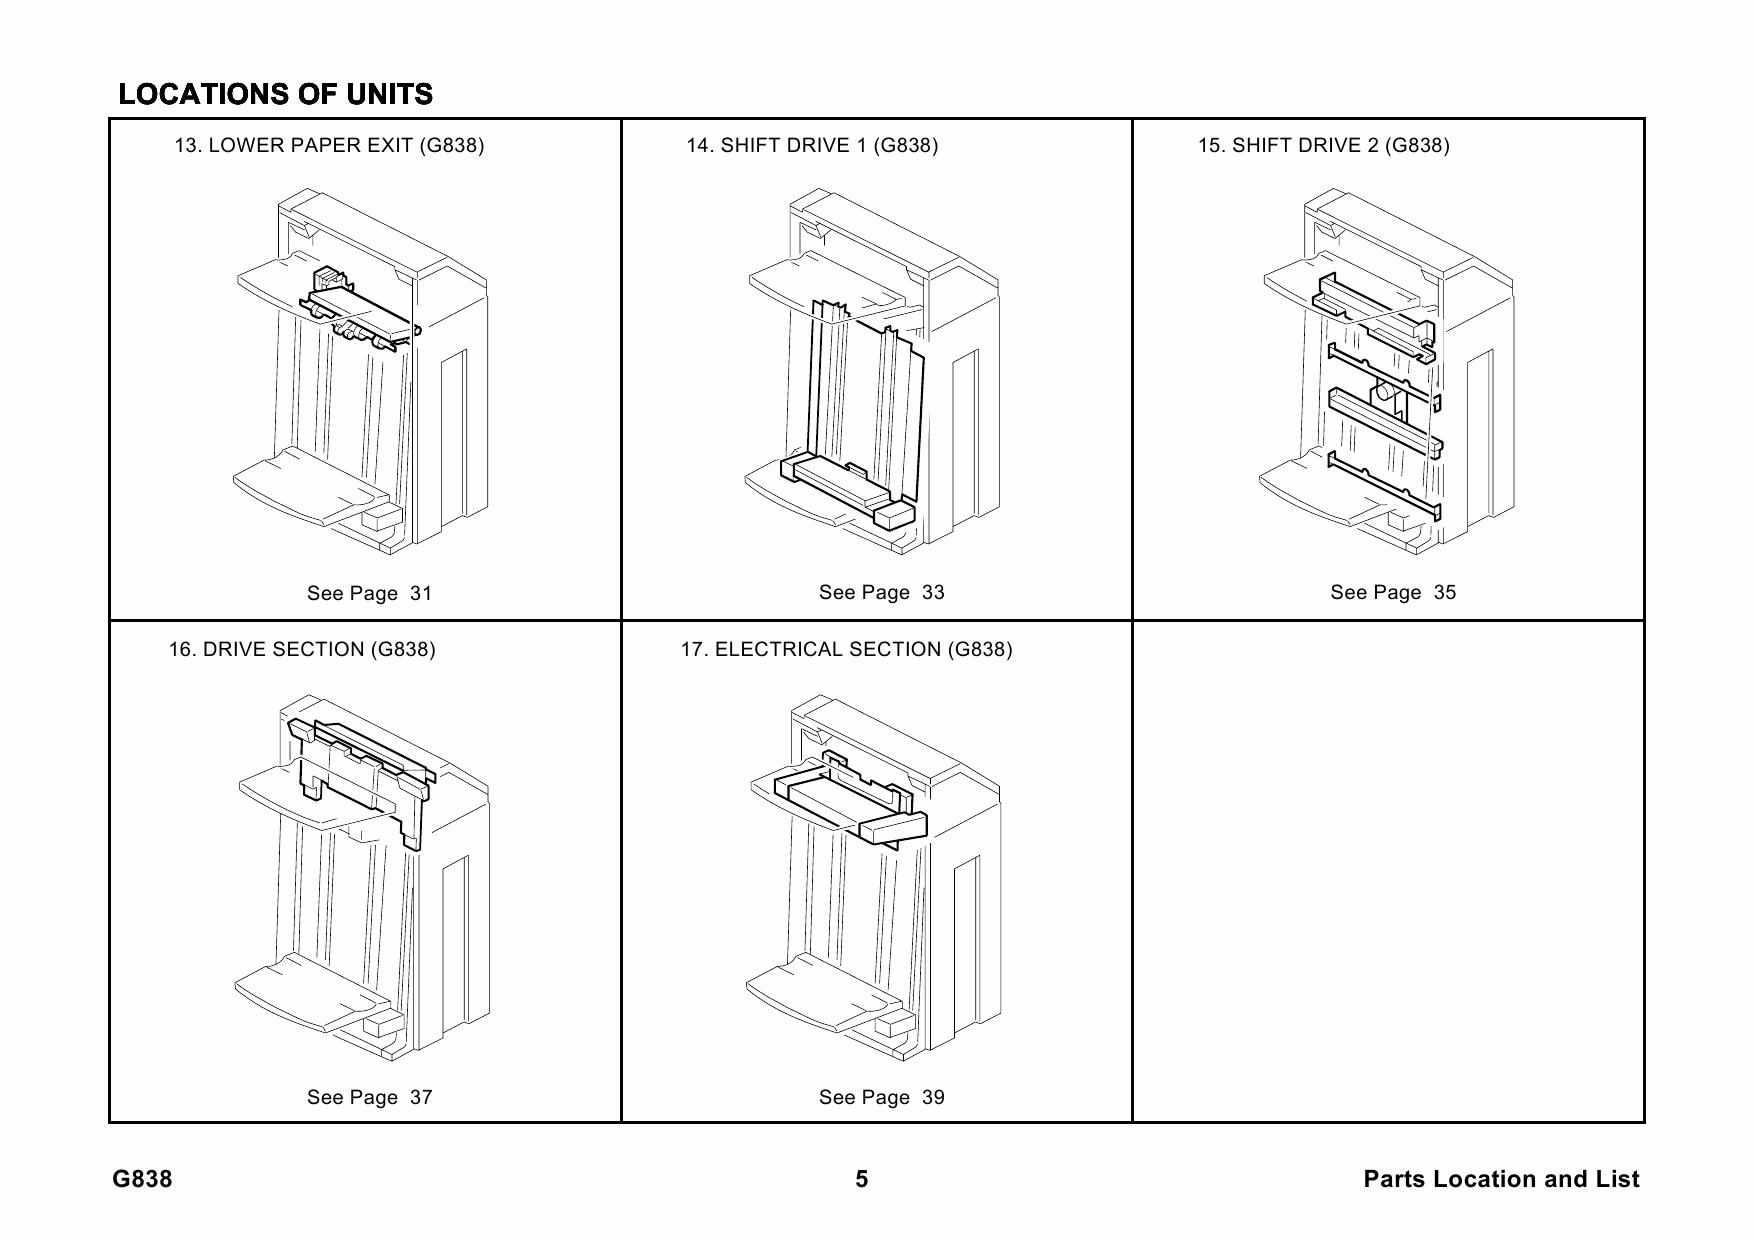 ricoh options sr3040 g838 finisher parts catalog pdf download. Black Bedroom Furniture Sets. Home Design Ideas